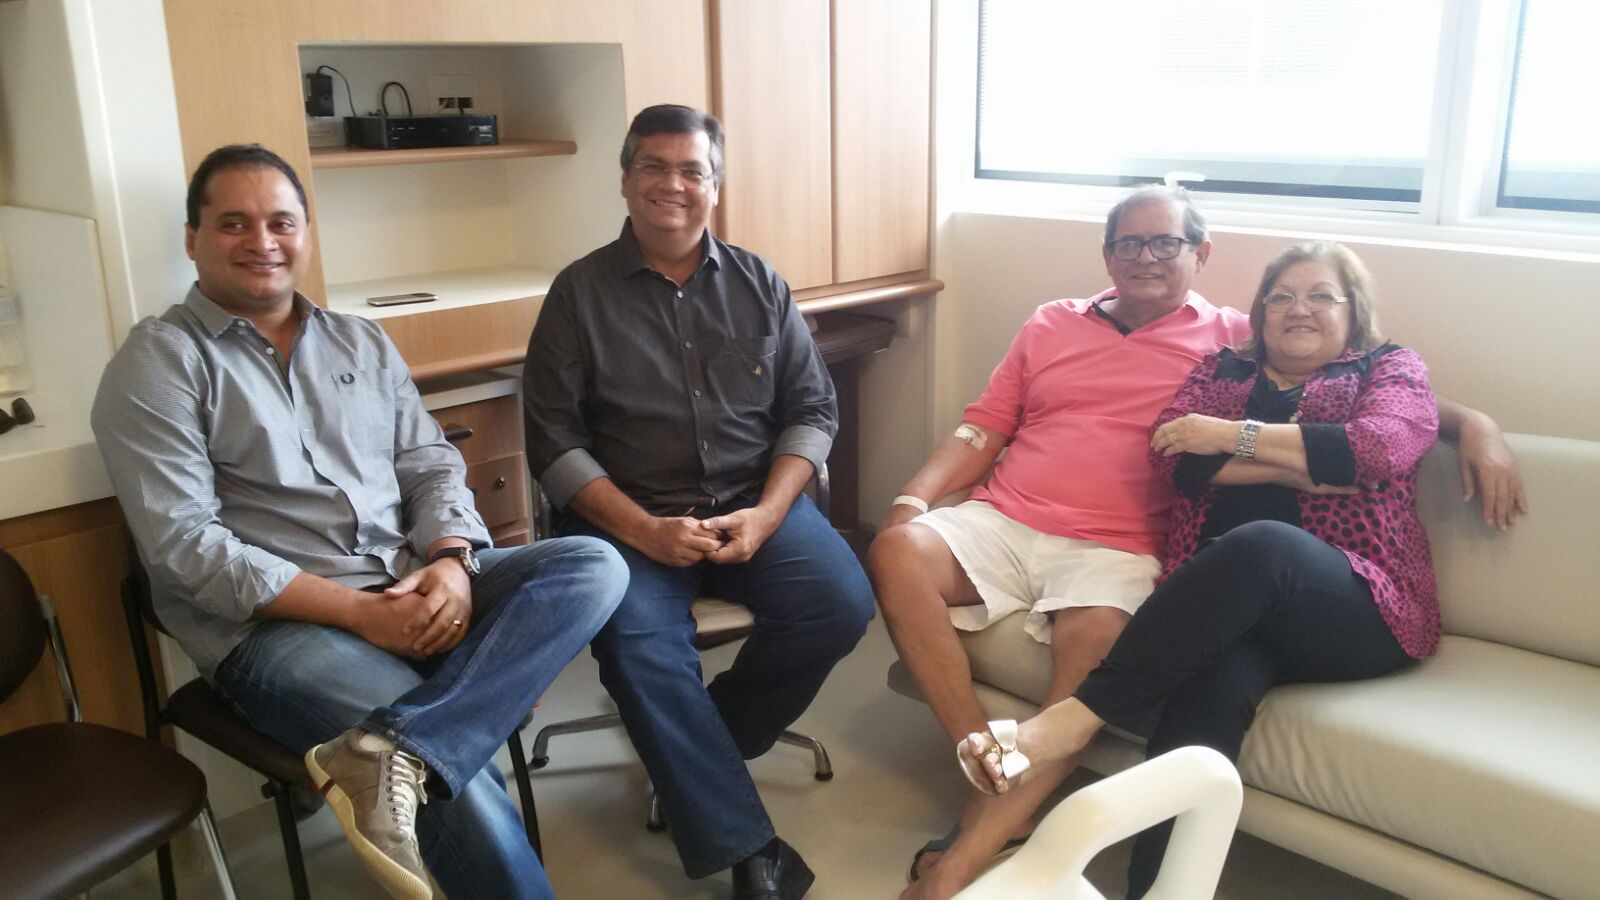 Weverton Rocha, governador Flávio Dino, Humberto Coutinho e sua esposa Cleide Coutinho.